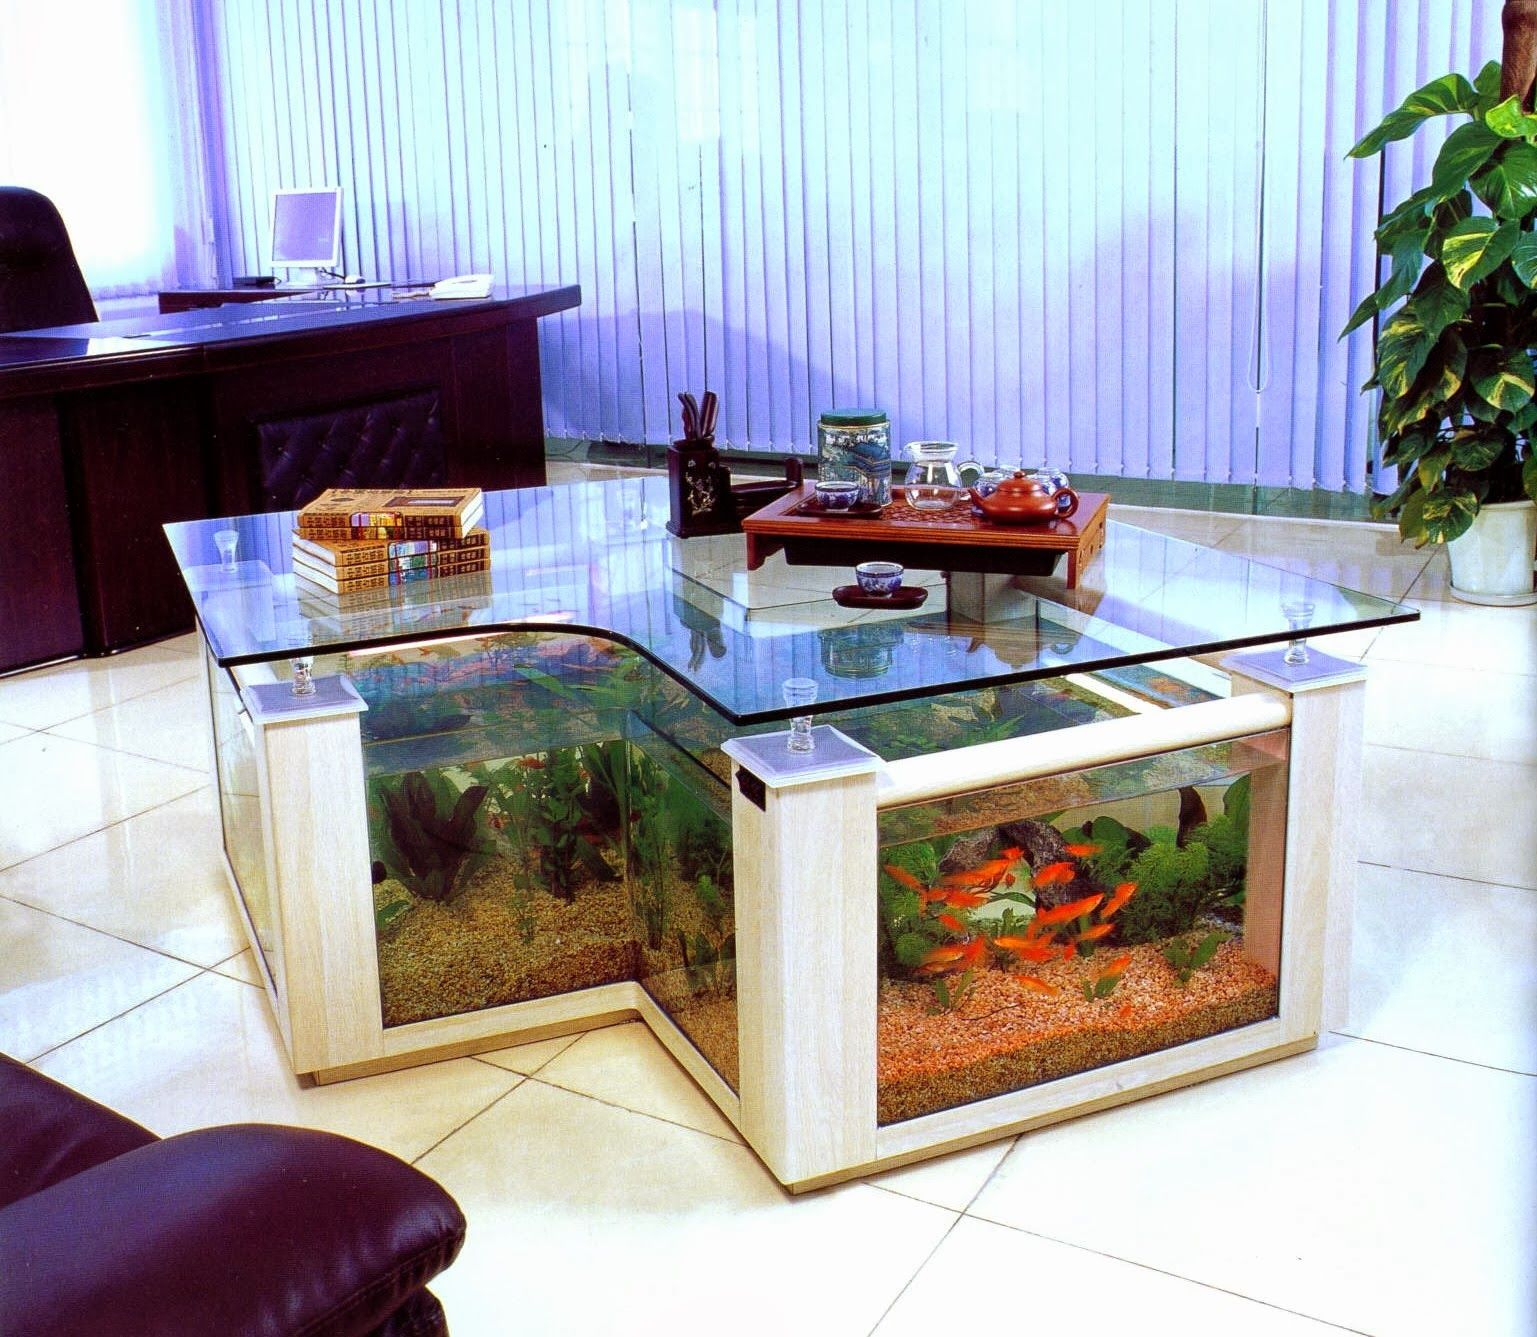 twin-square-table-aquarium.jpg (1537×1337)